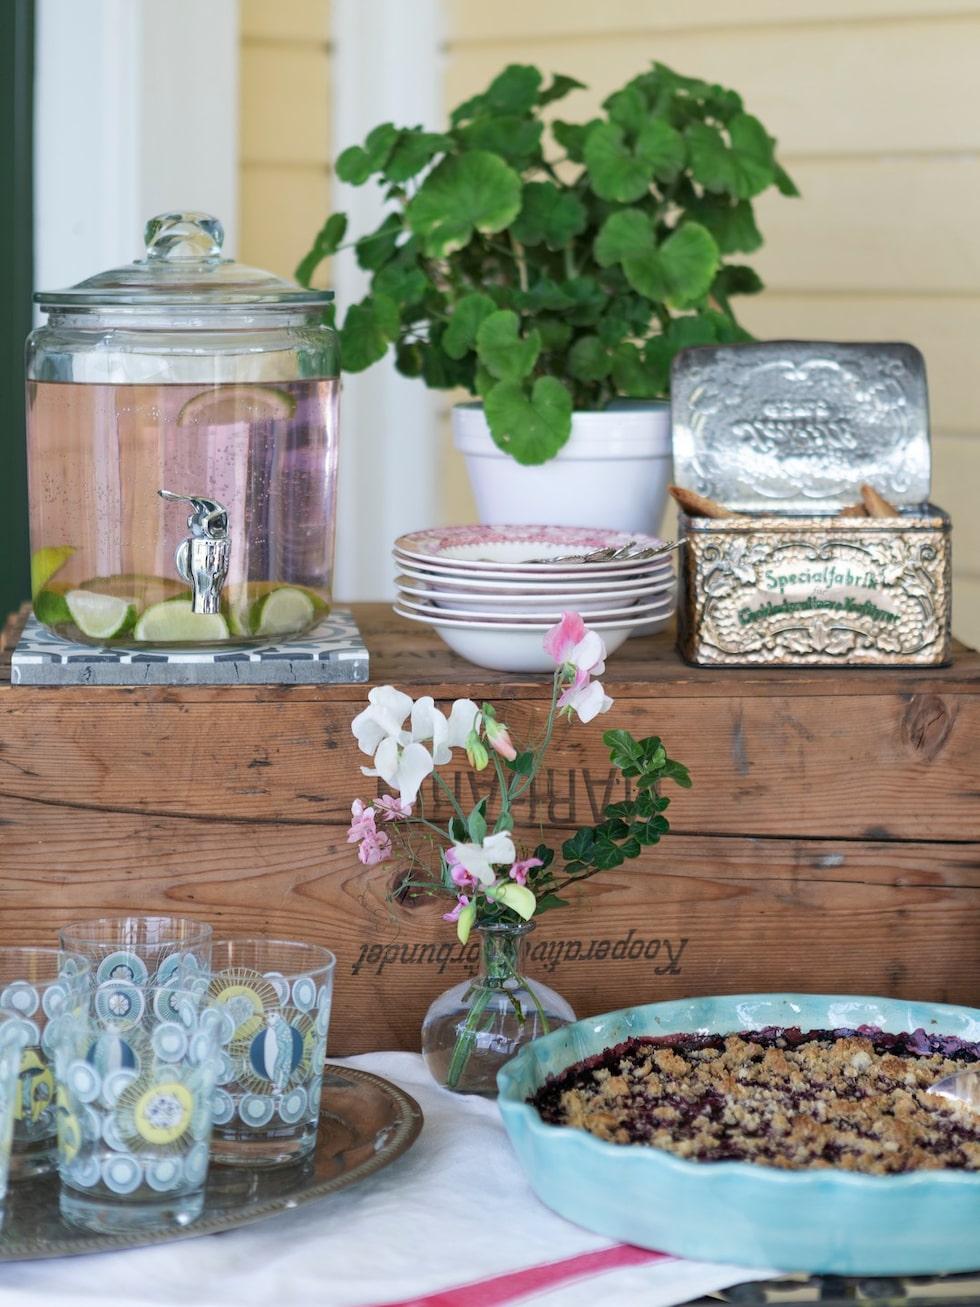 Blåbärspaj av egenplockade blåbär. Pajform, Gerbera. Glas, Ikea. Plåtburk, porslin och trälåda loppis.